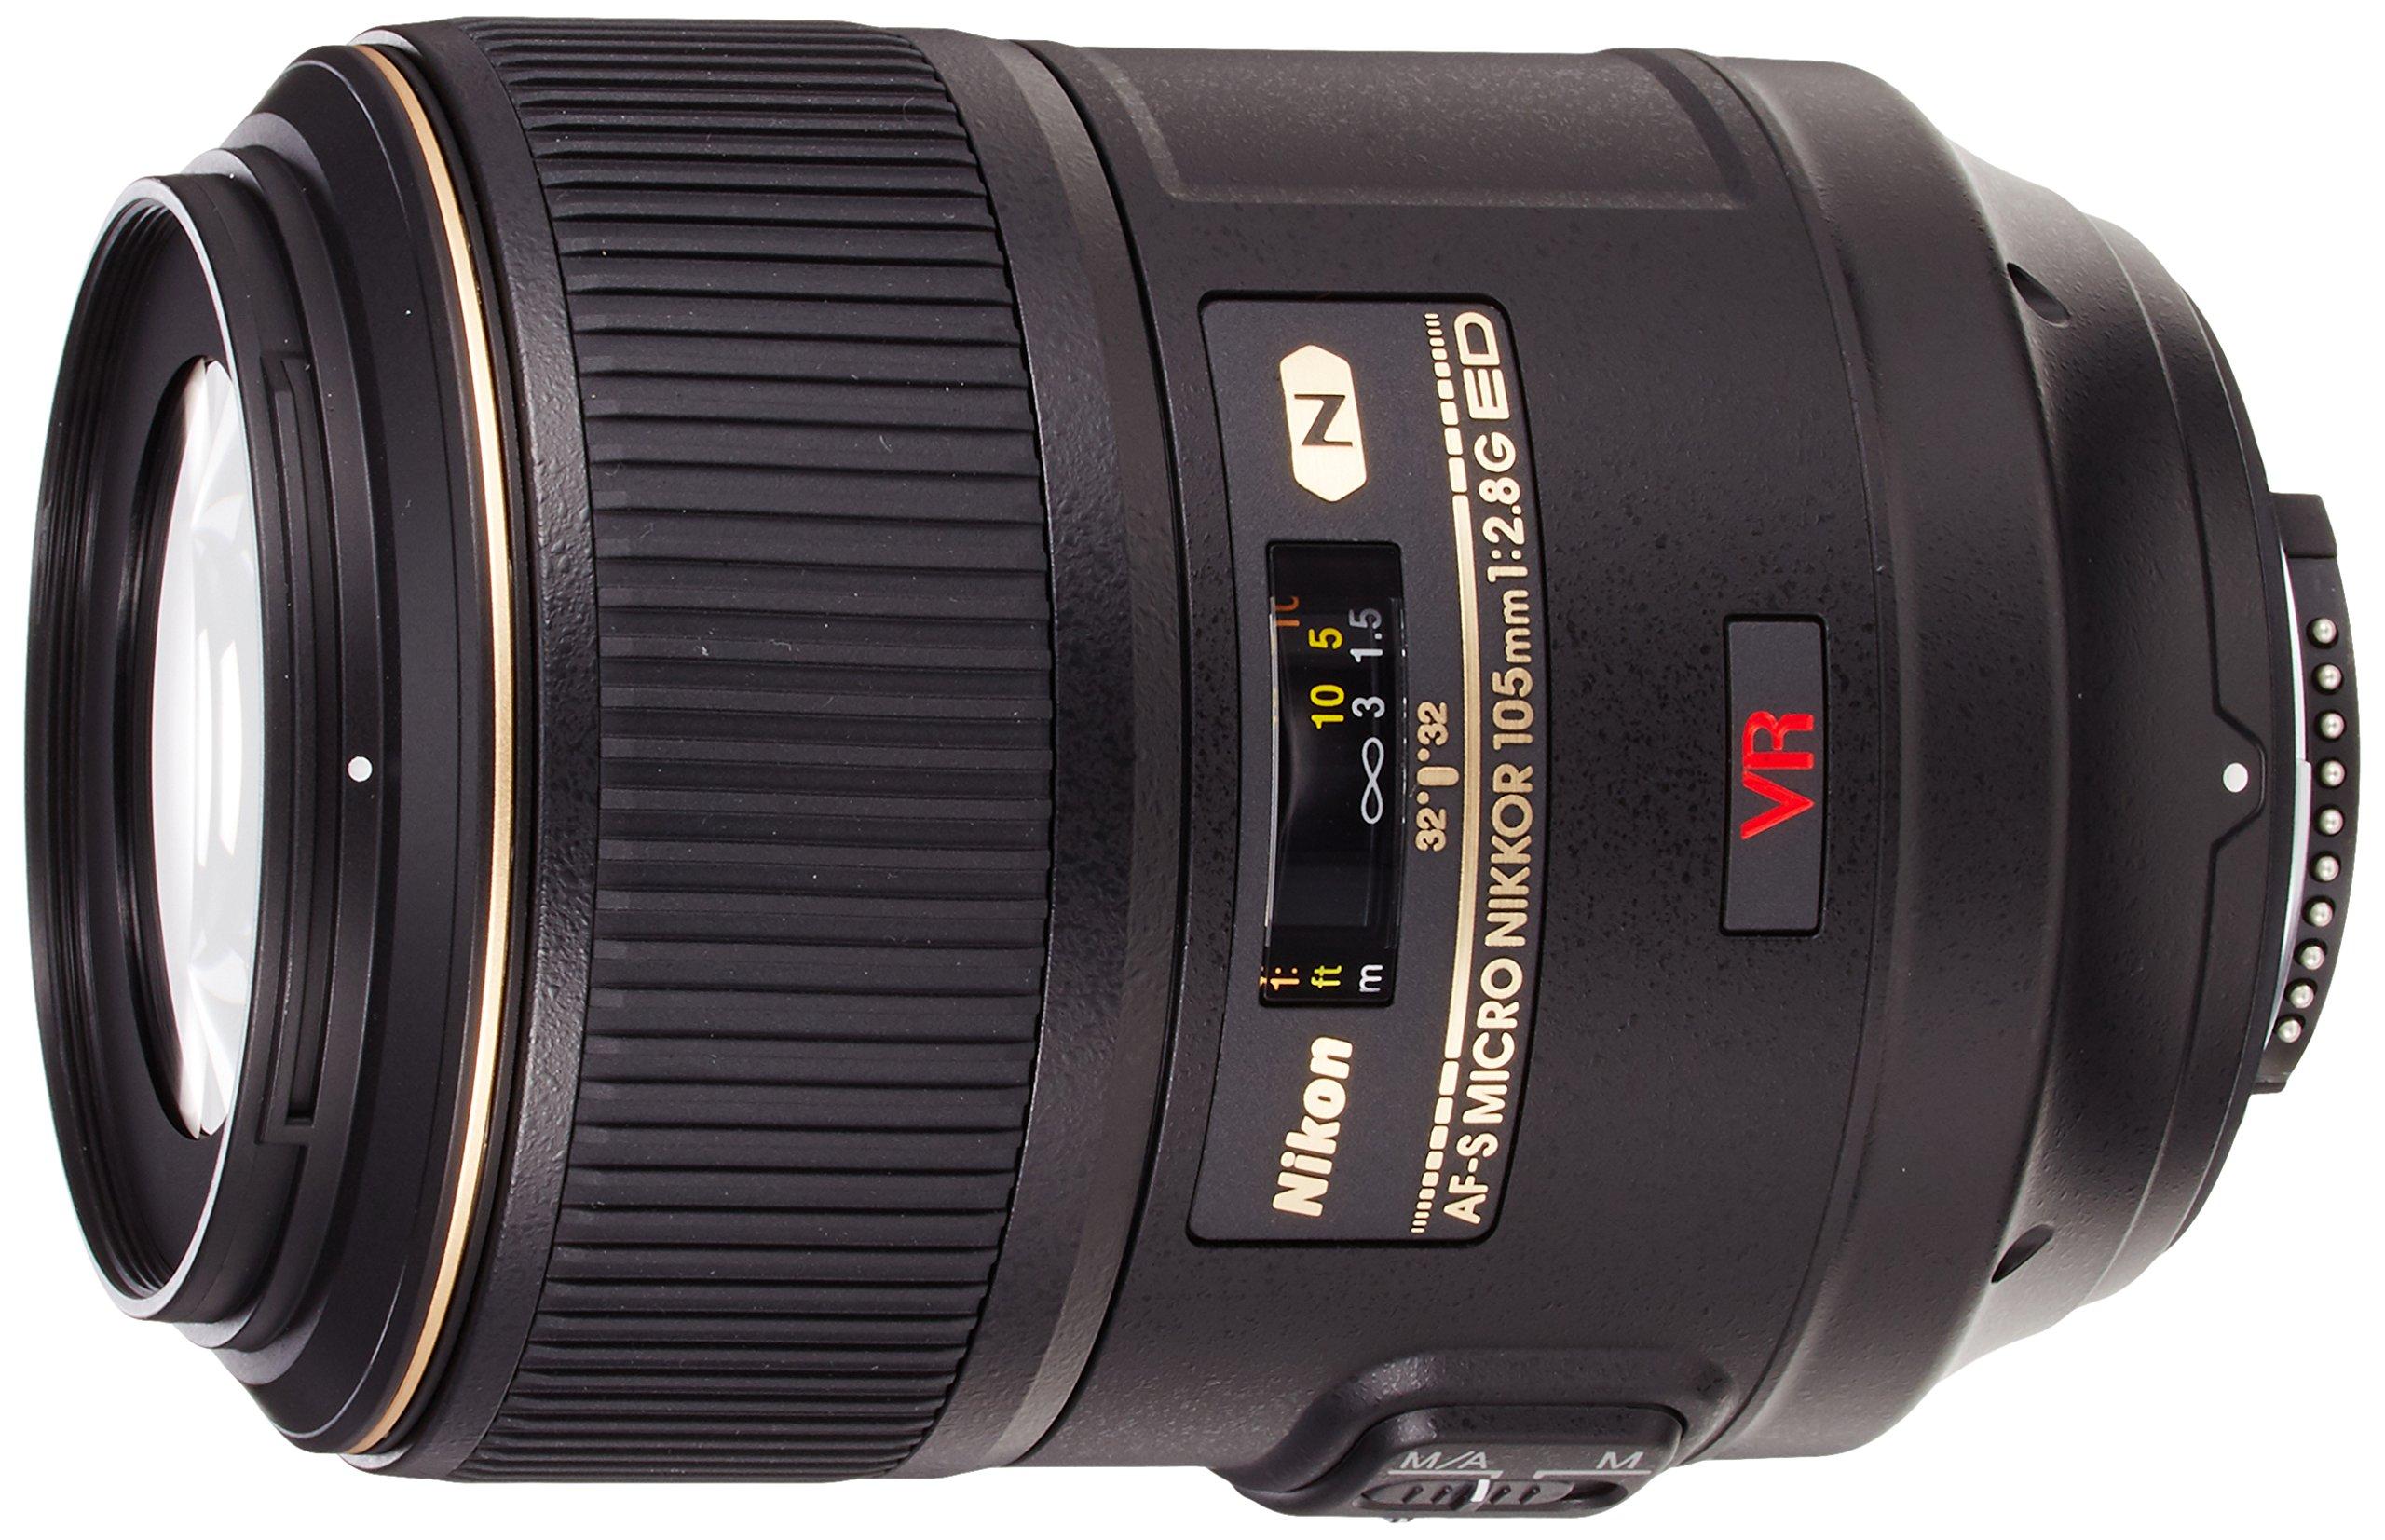 Nikon AF-S VR Micro-NIKKOR 105mm f/2.8G IF-ED Lens by Nikon